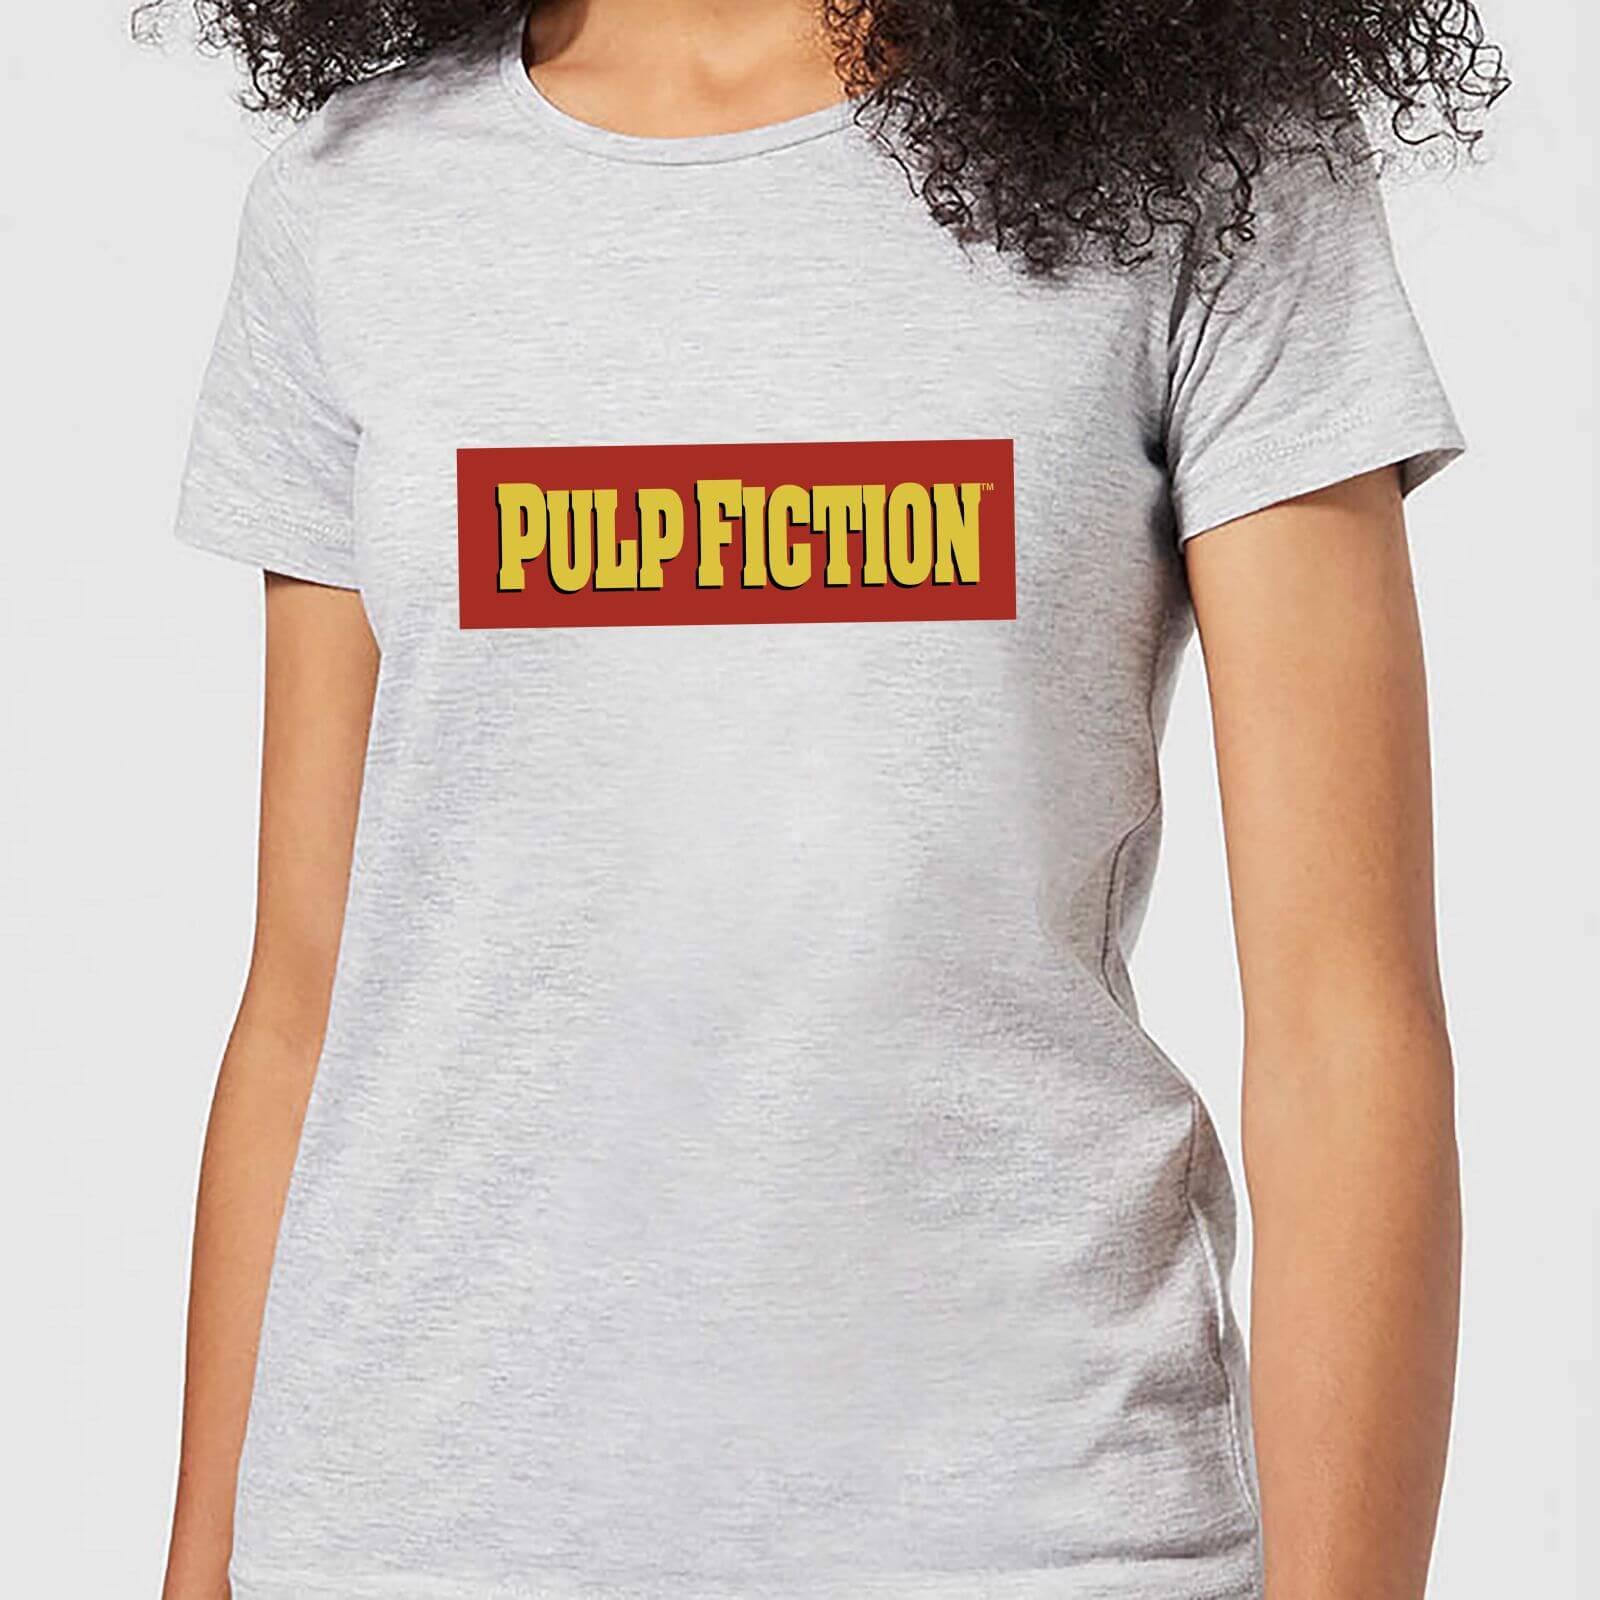 Pulp Fiction Logo Damen T Shirt Grau Bekleidung Zavvide